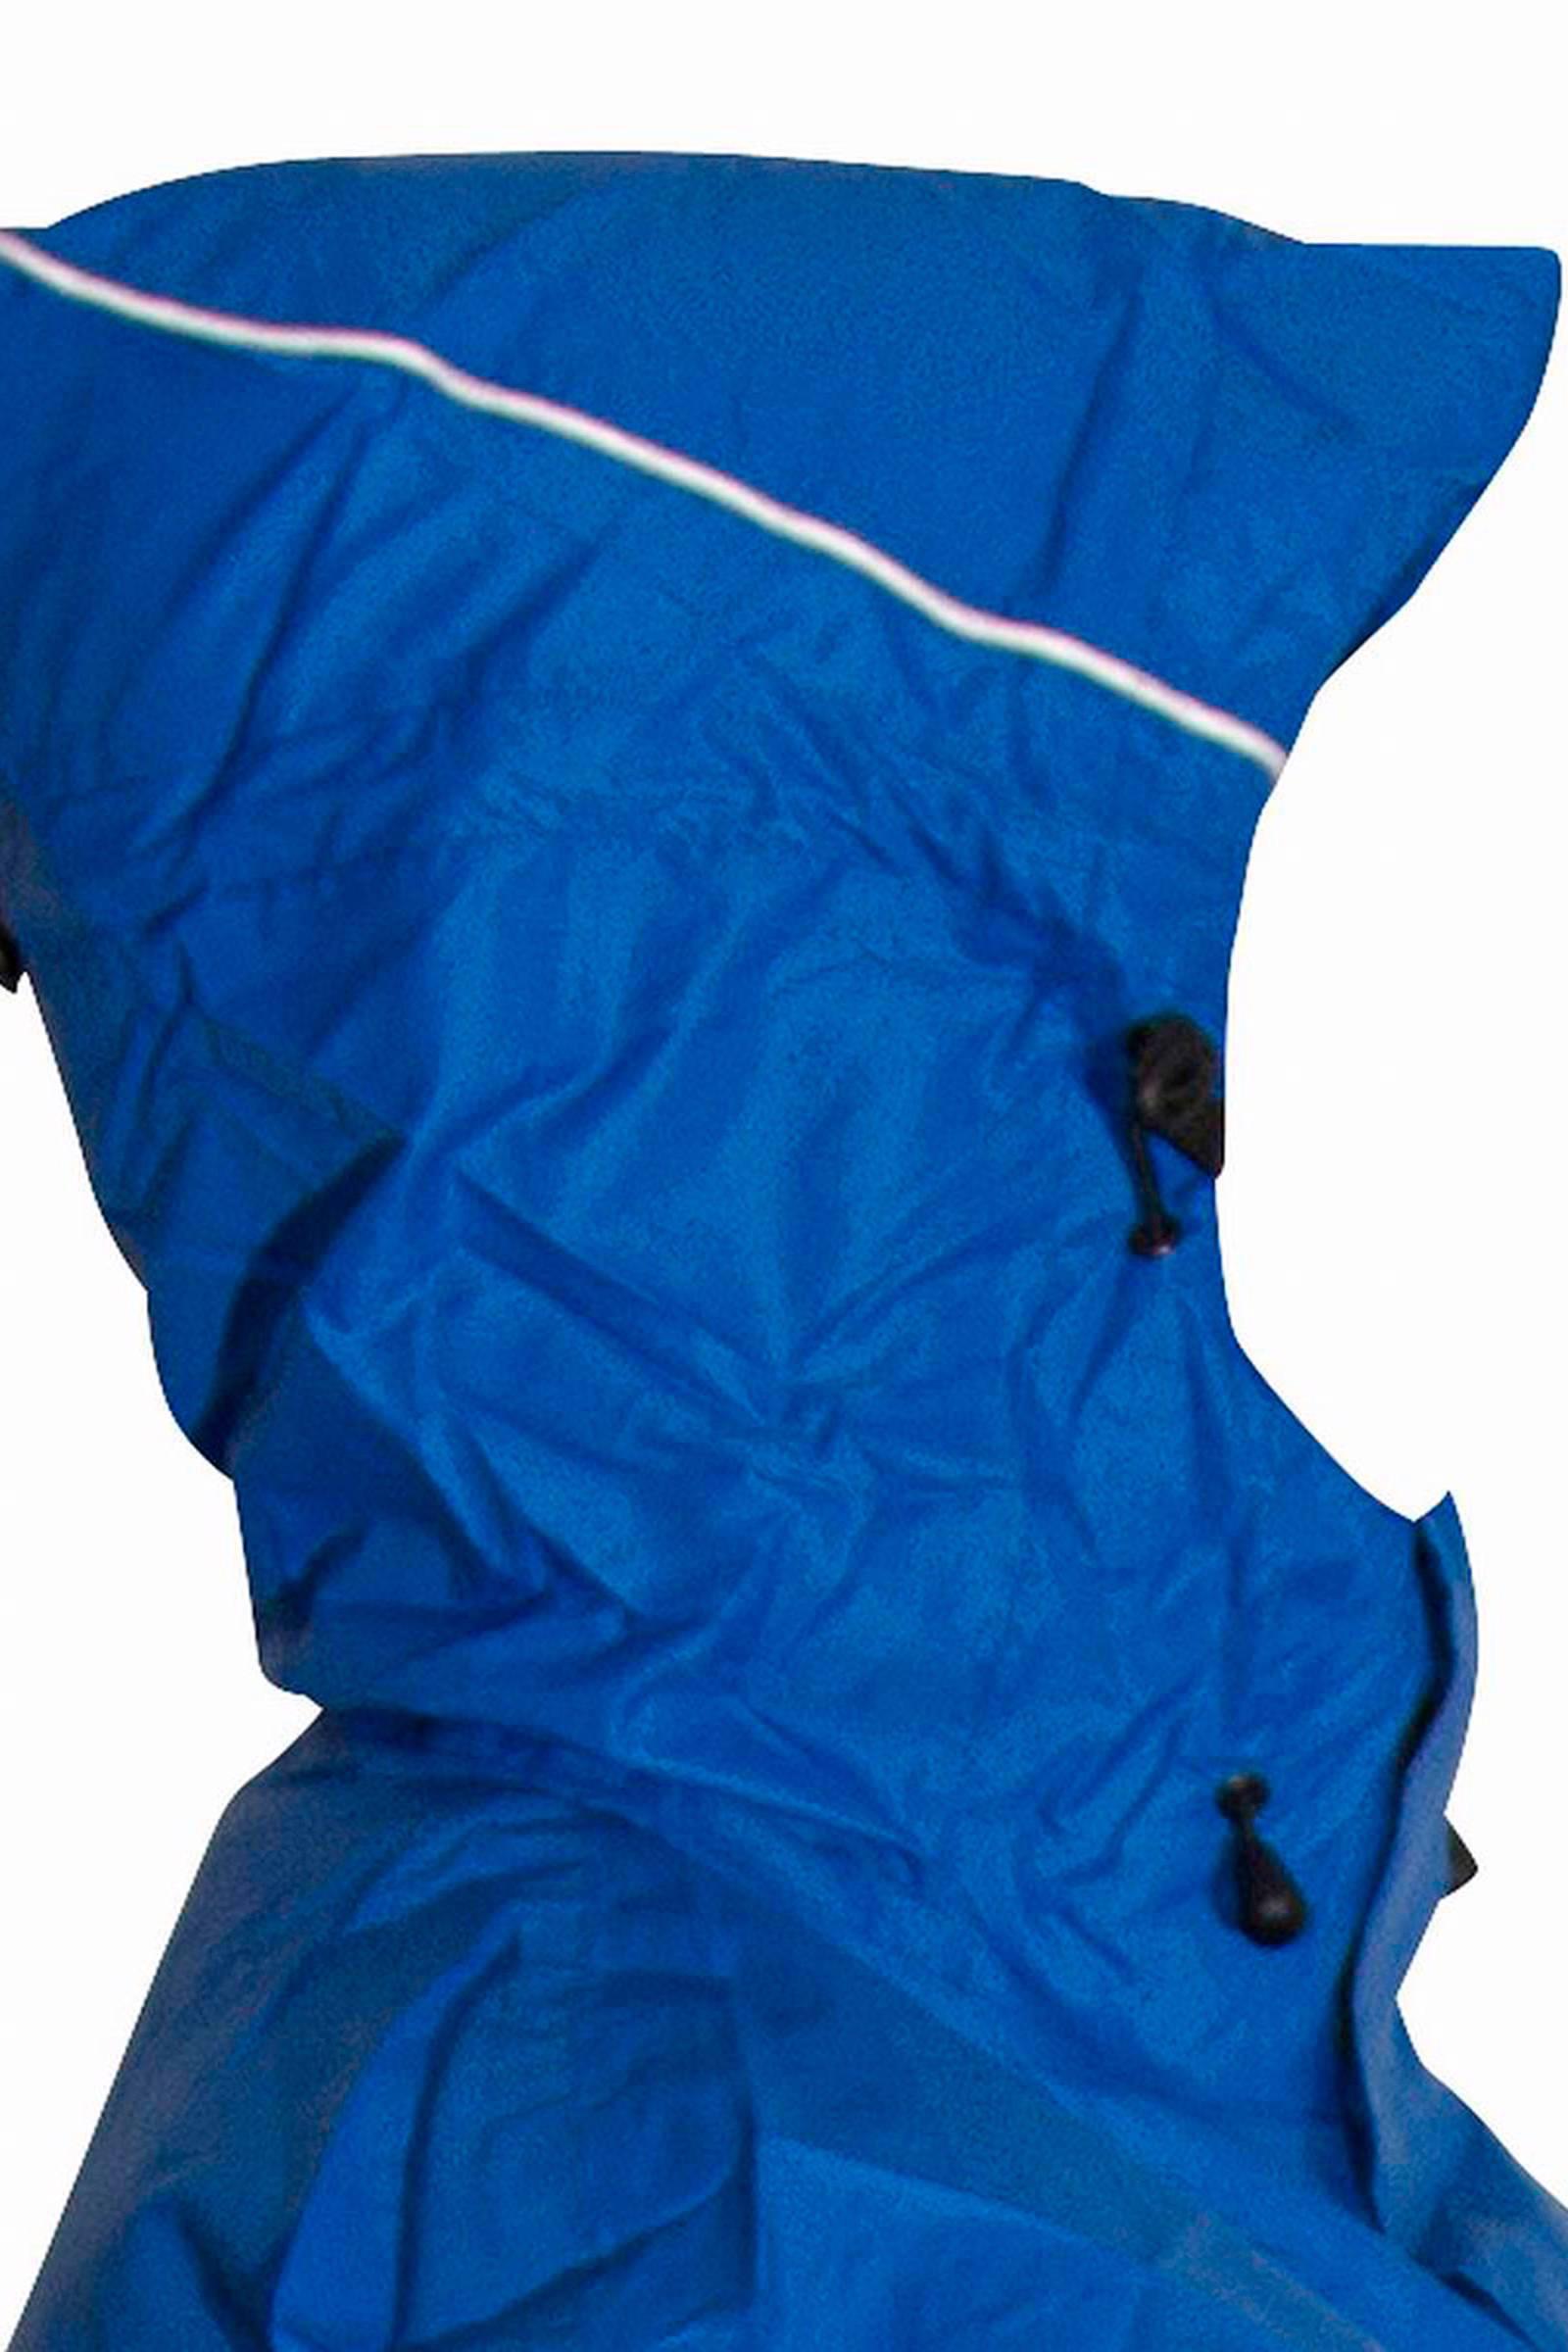 Lowland Outdoor regenponcho (met rugzak)